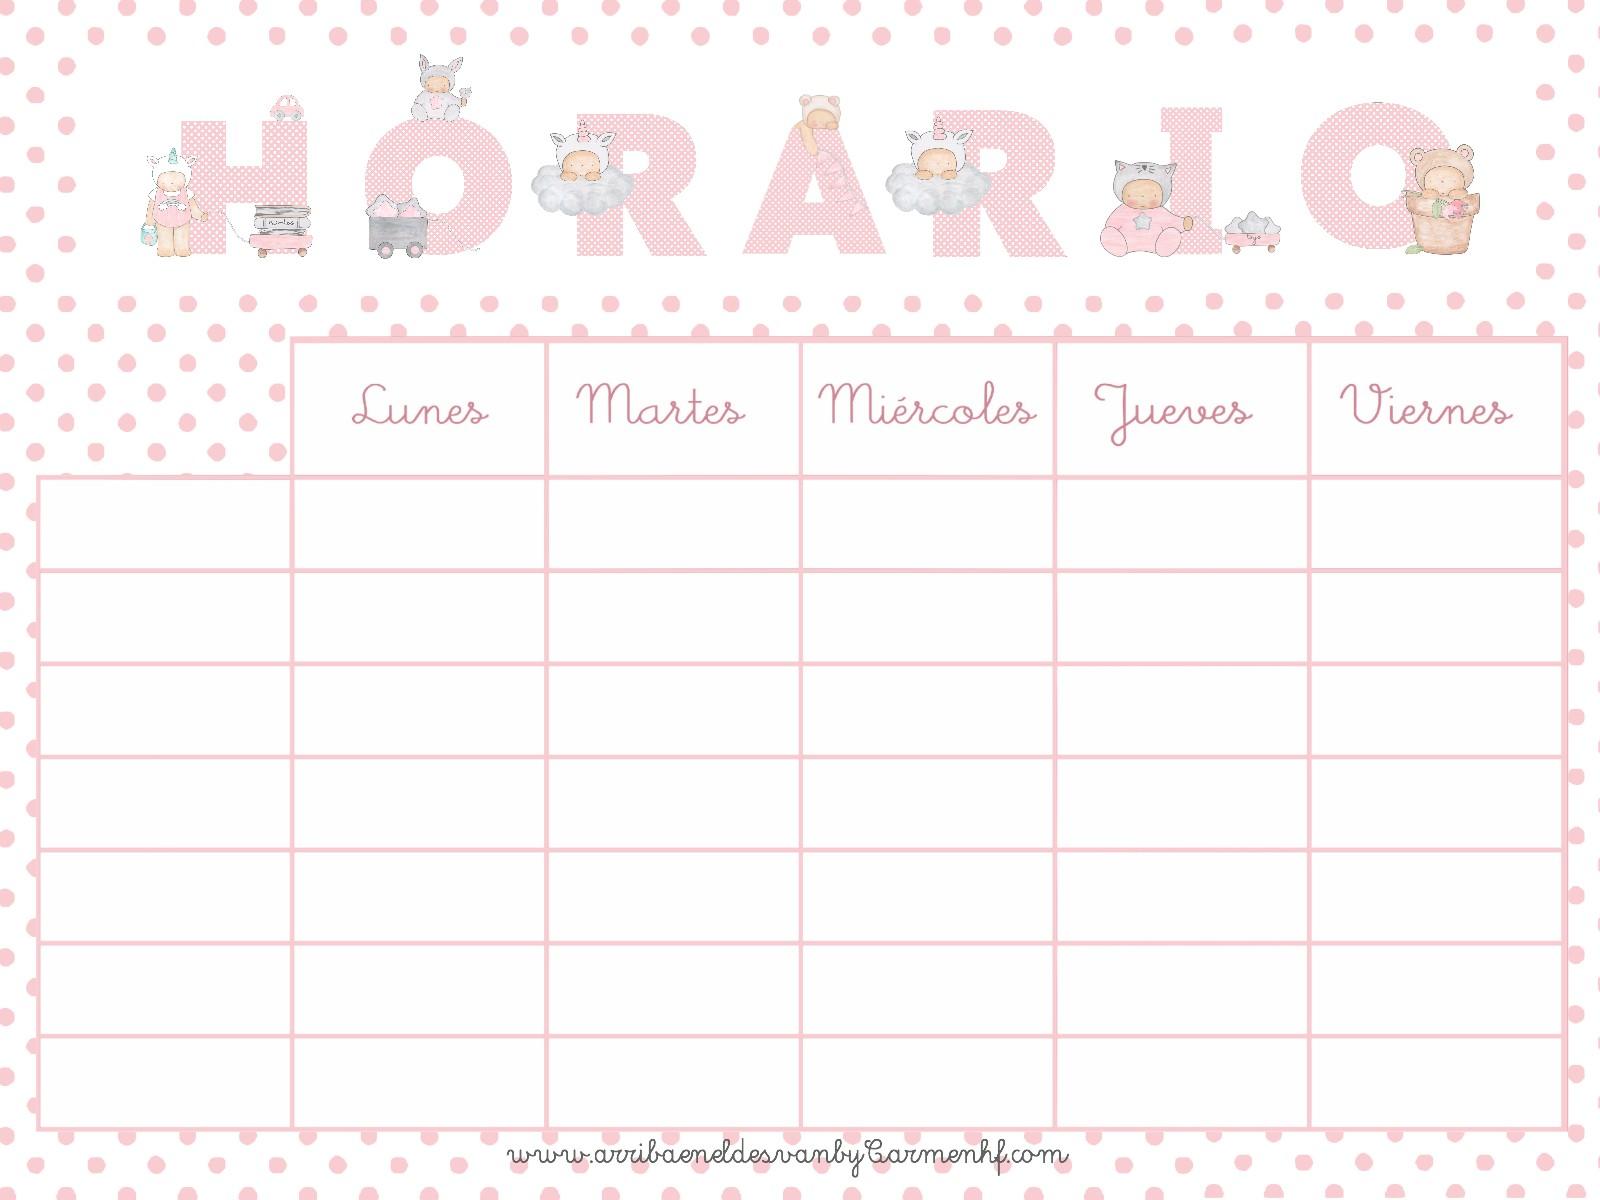 Esto Es Exactamente Calendario Para Imprimir 2019 Decorado ...